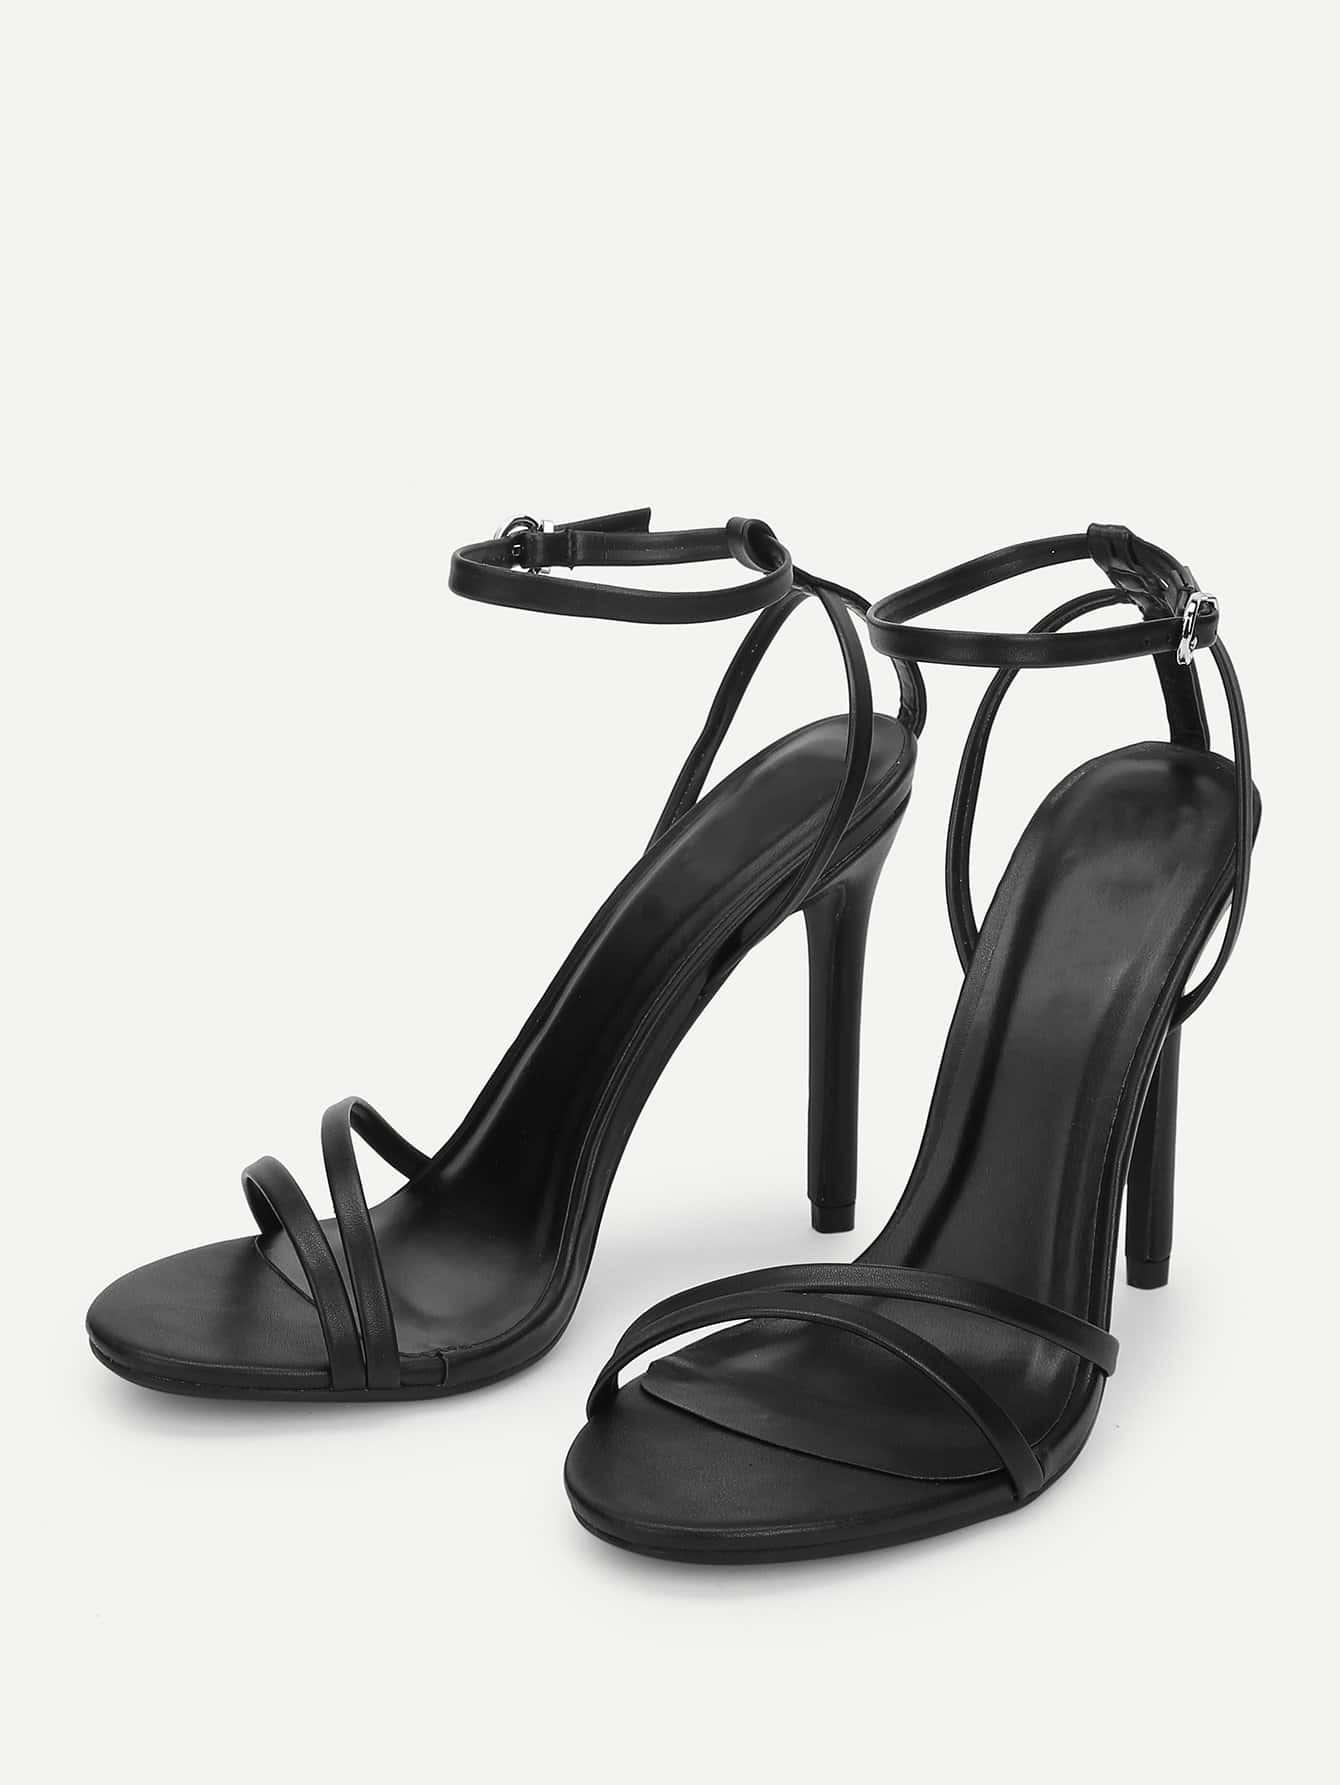 繞踝細帶高跟涼鞋 | SHEIN臺灣